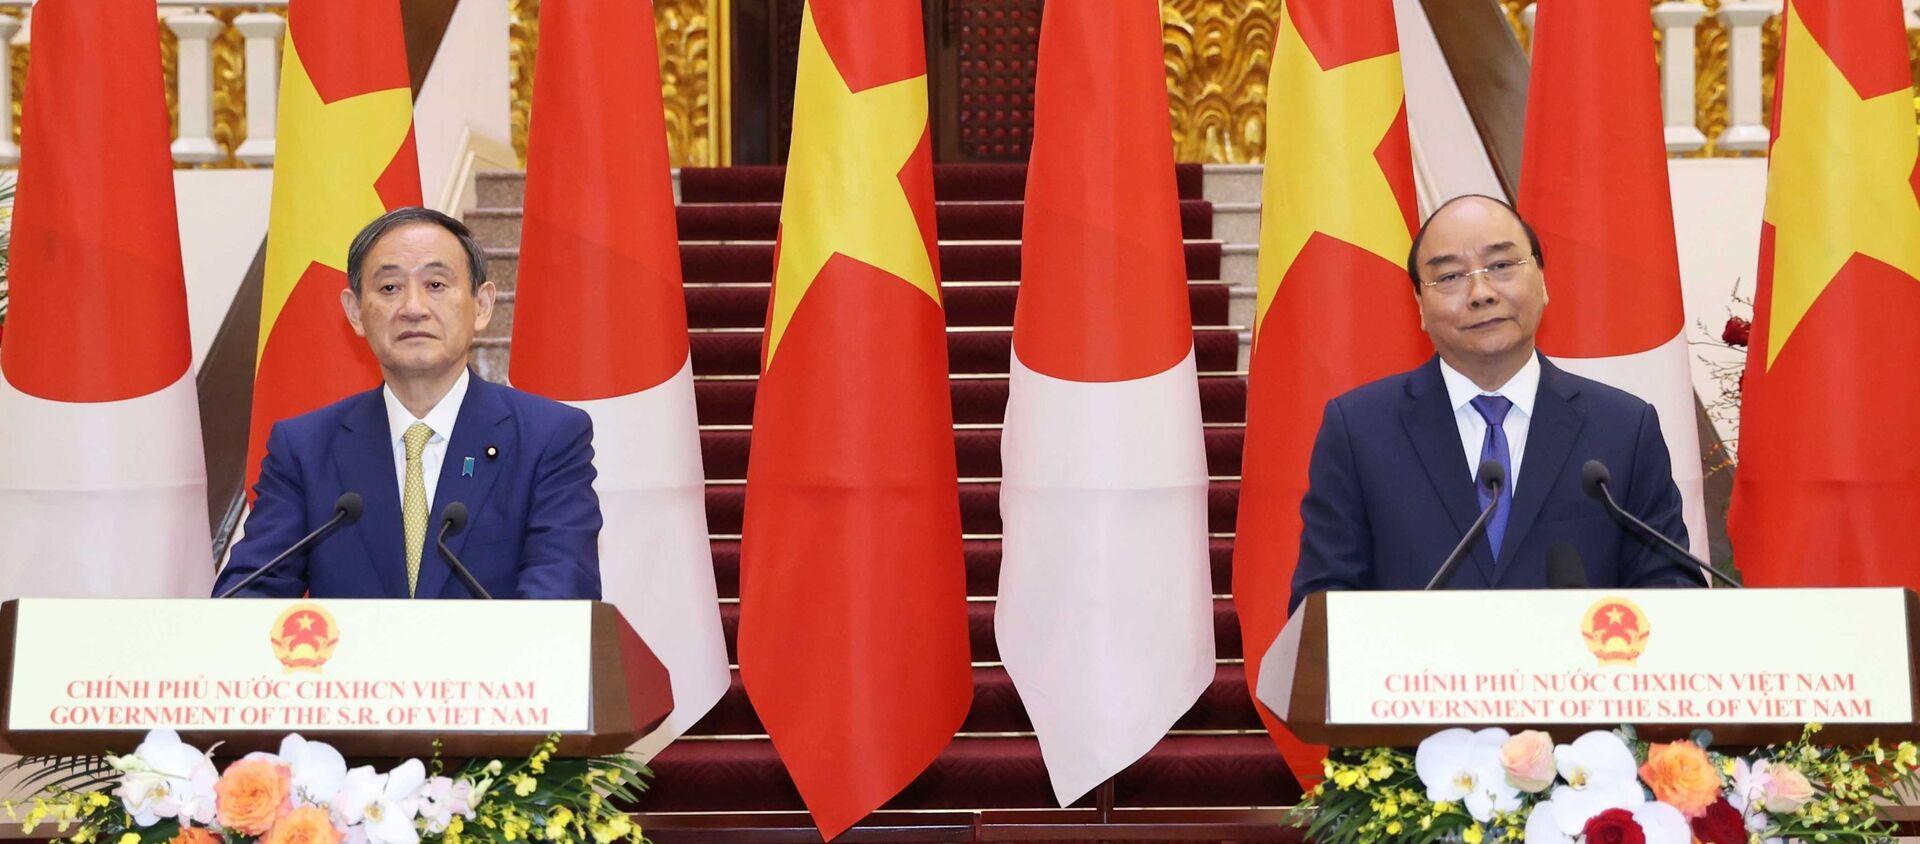 Thủ tướng Nguyễn Xuân Phúc và Thủ tướng Nhật Bản Suga Yoshihide gặp gỡ báo chí - Sputnik Việt Nam, 1920, 19.10.2020